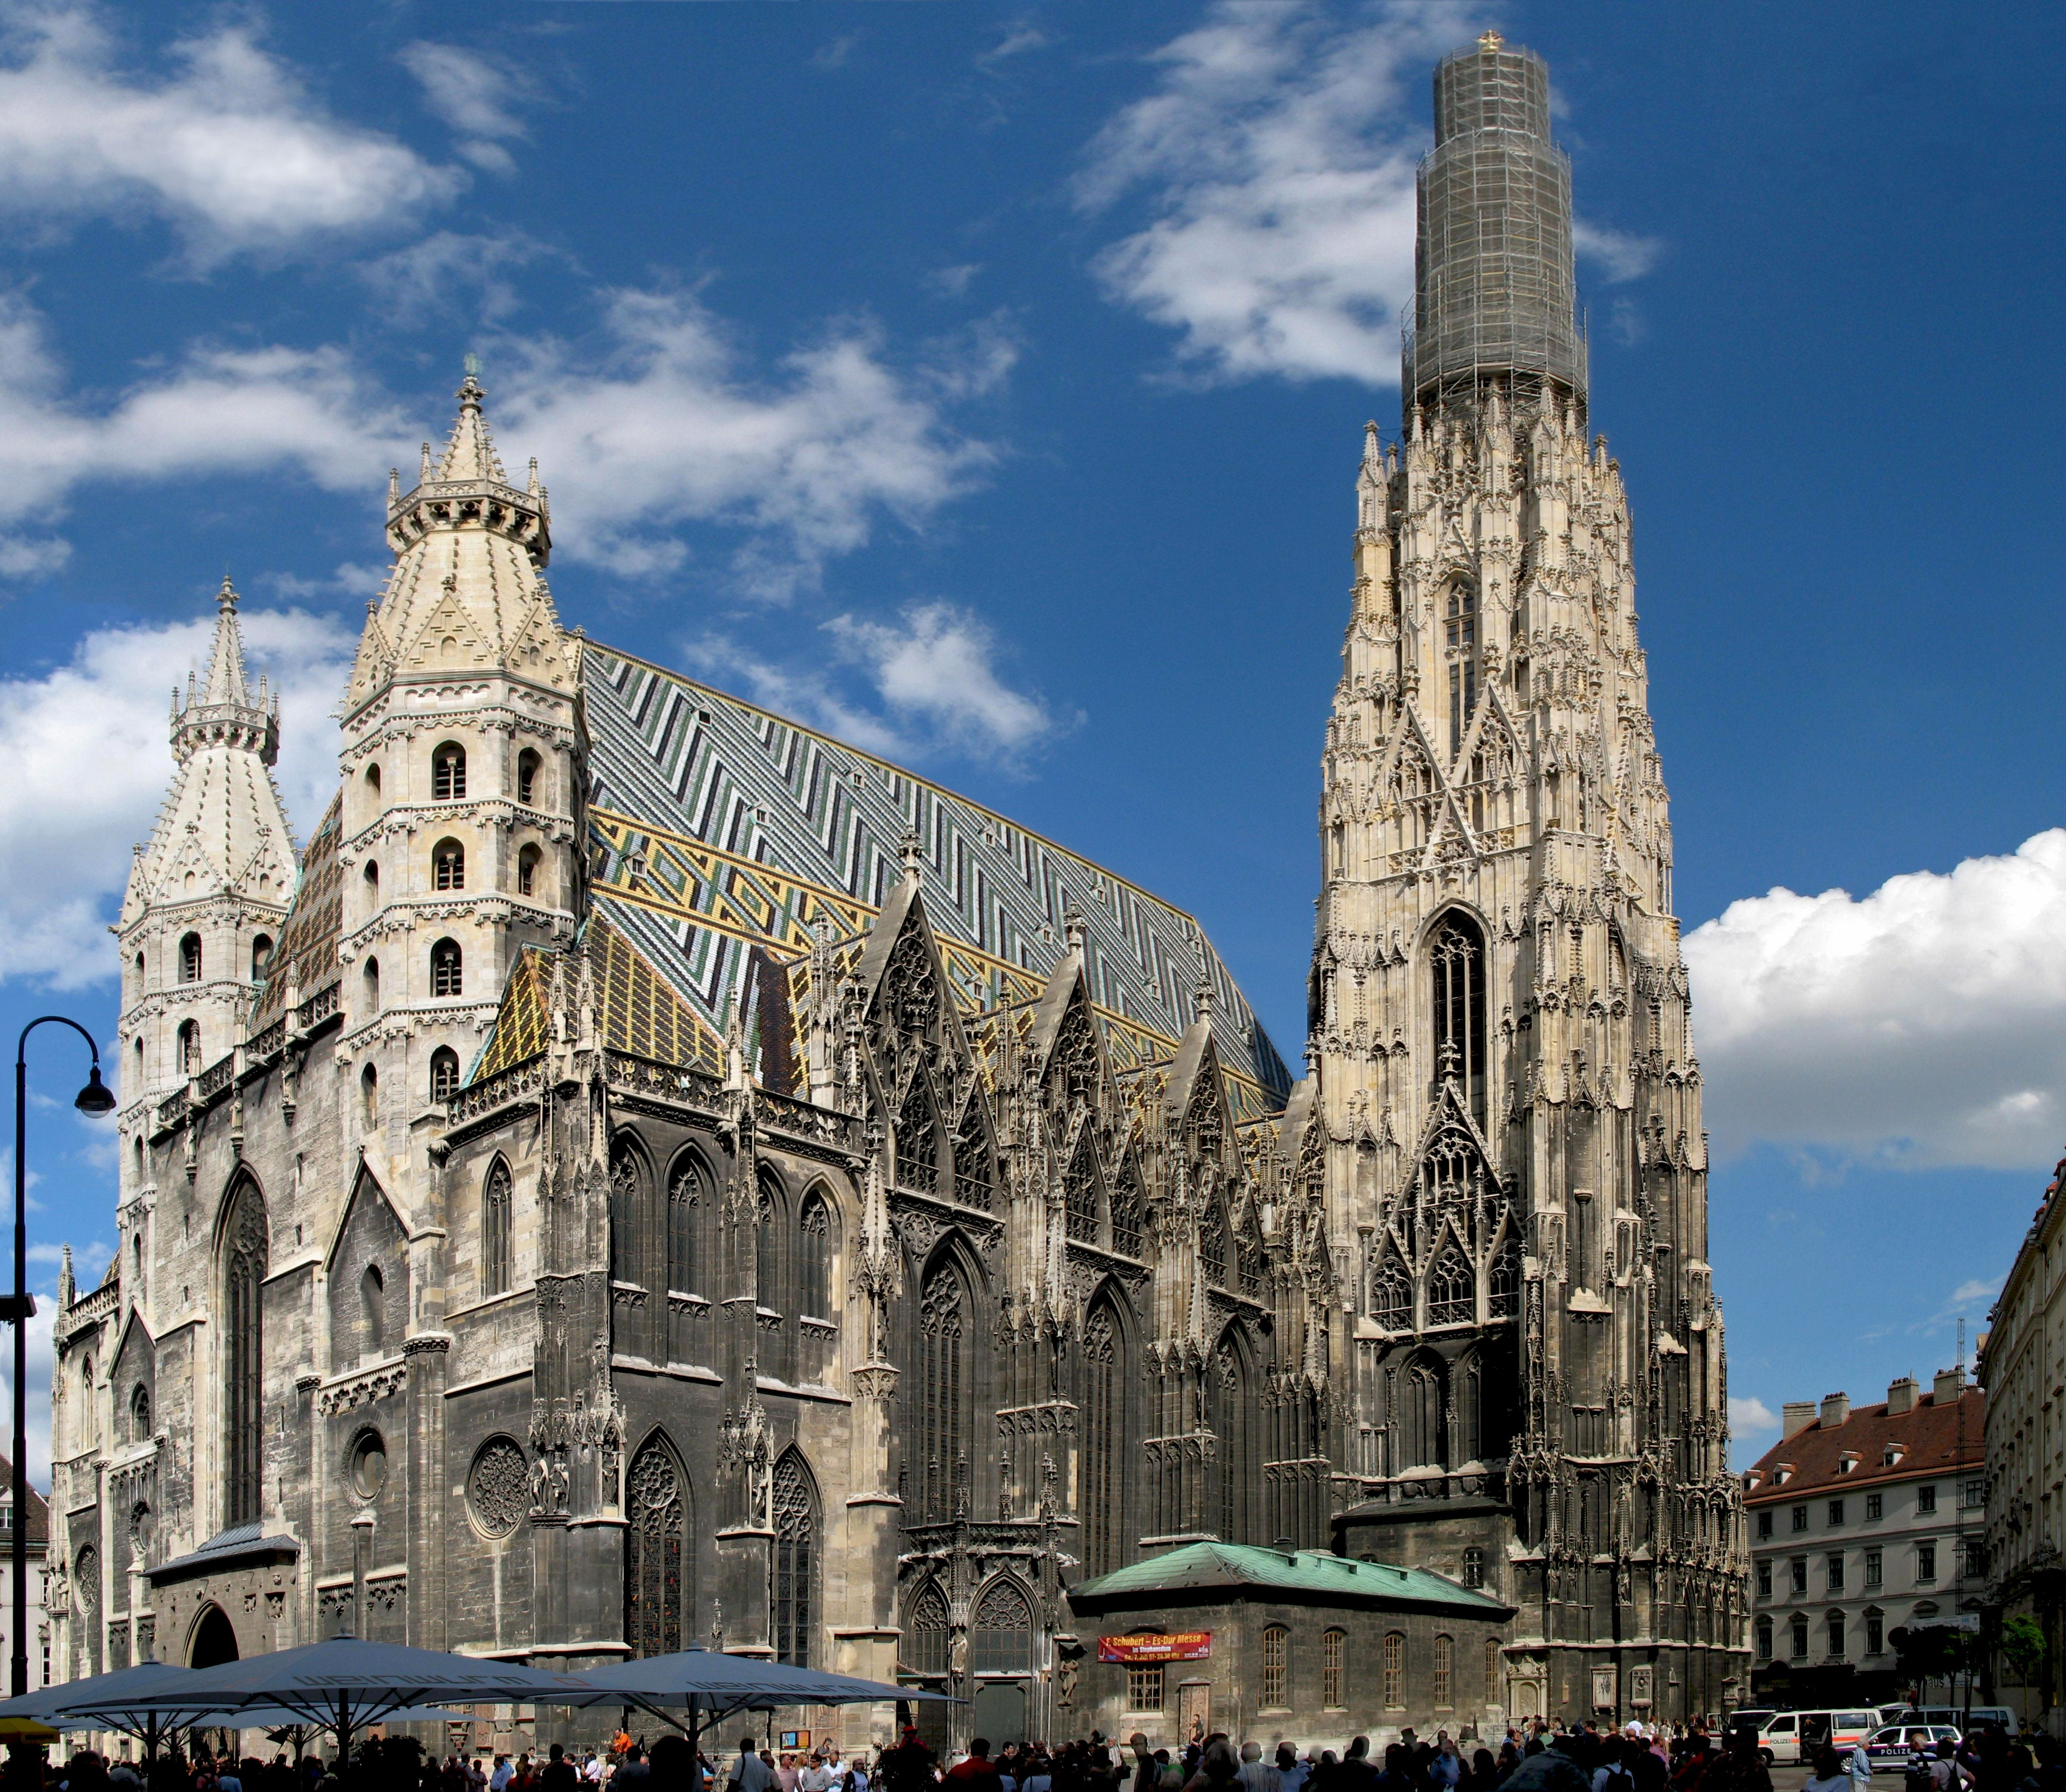 كاتدرائية سانت ستيفان في مدينة فيينا أشهر المناطق السياحية الموجودة